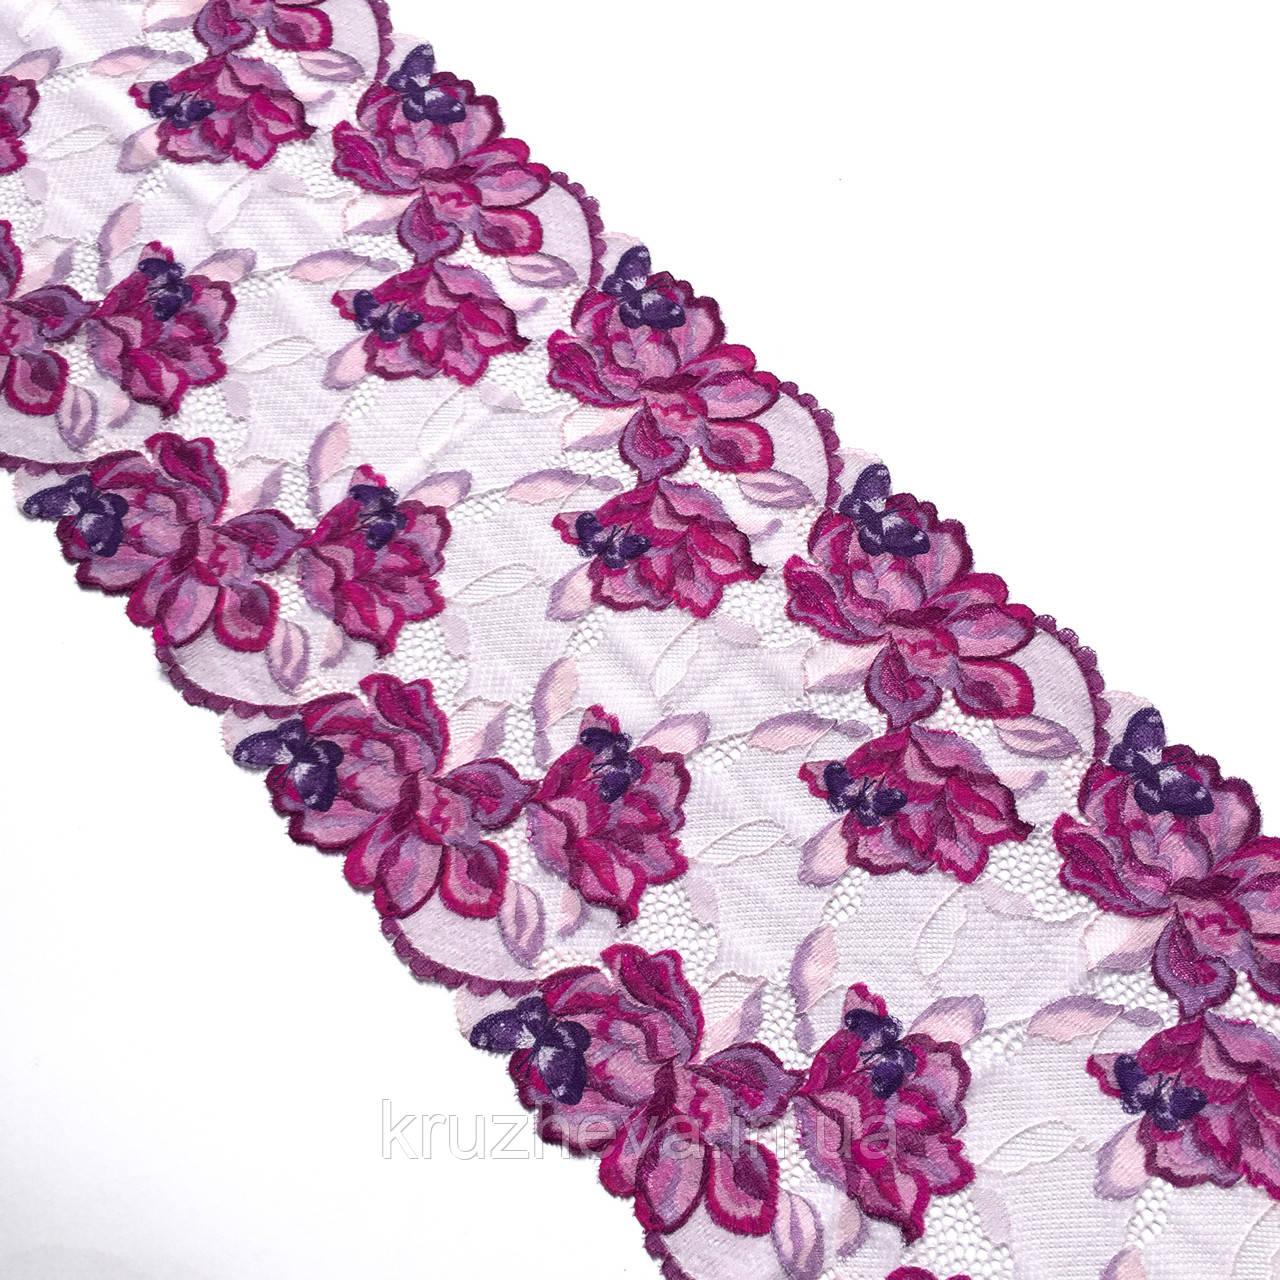 Еластичне (стрейчевое) мереживо в рожевих відтінках. Ширина 22 див.